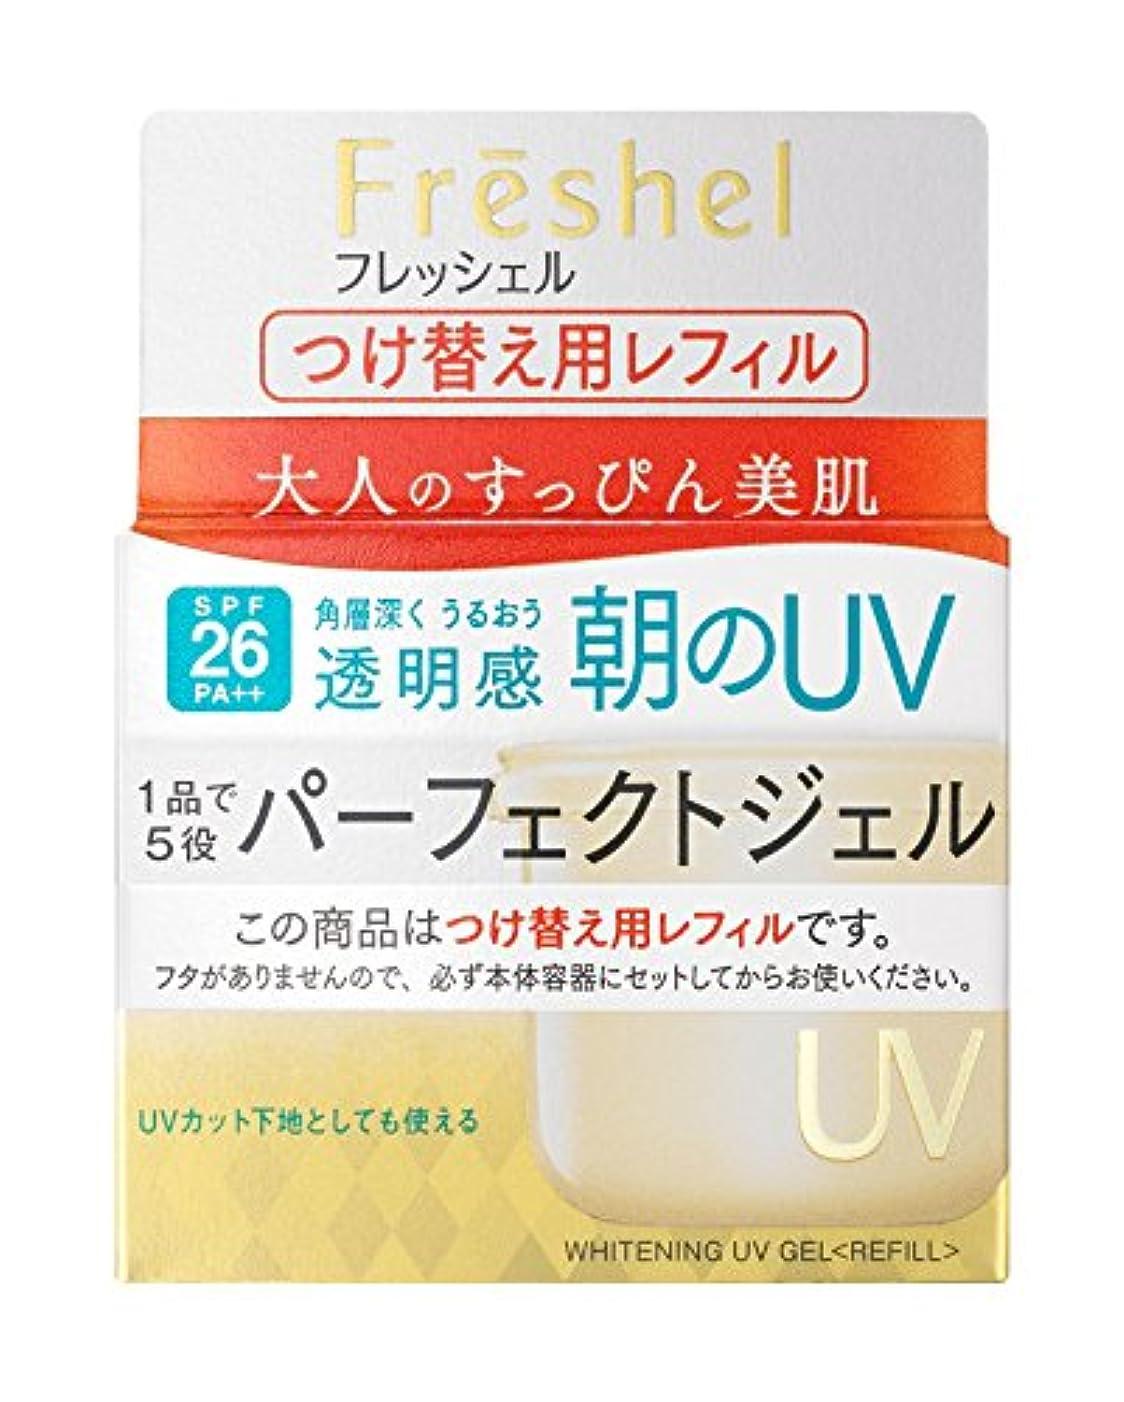 フレッシェル クリーム アクアモイスチャージェル UV <R> 80g [医薬部外品]